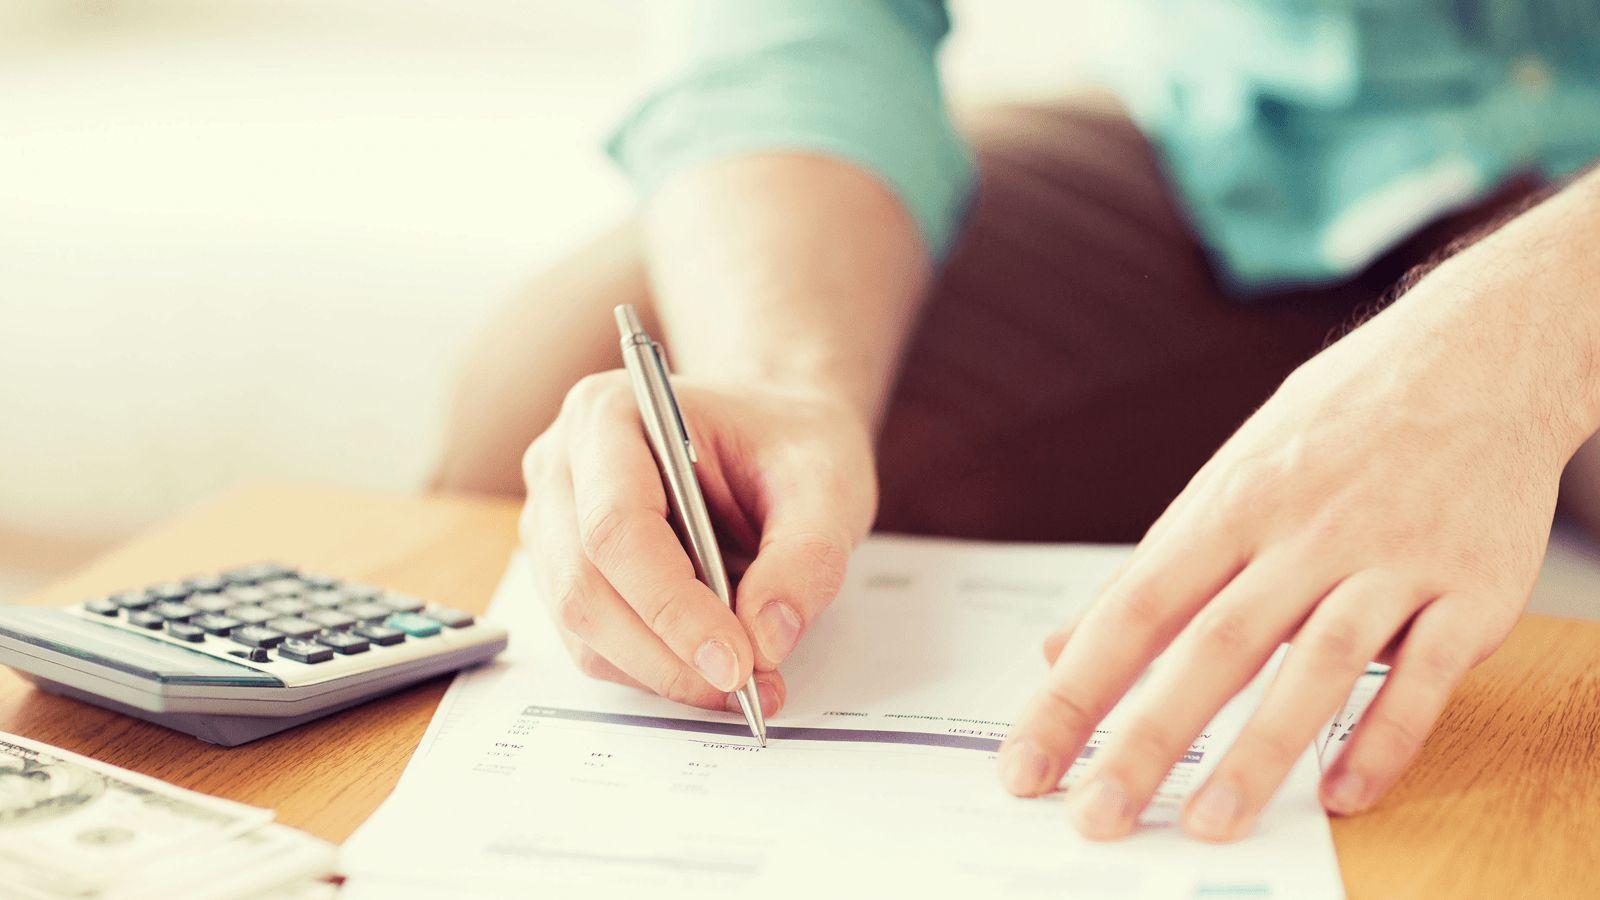 Hãy thống kê các khoản chi tiêu vào sổ sách và lập một tài khoản chung